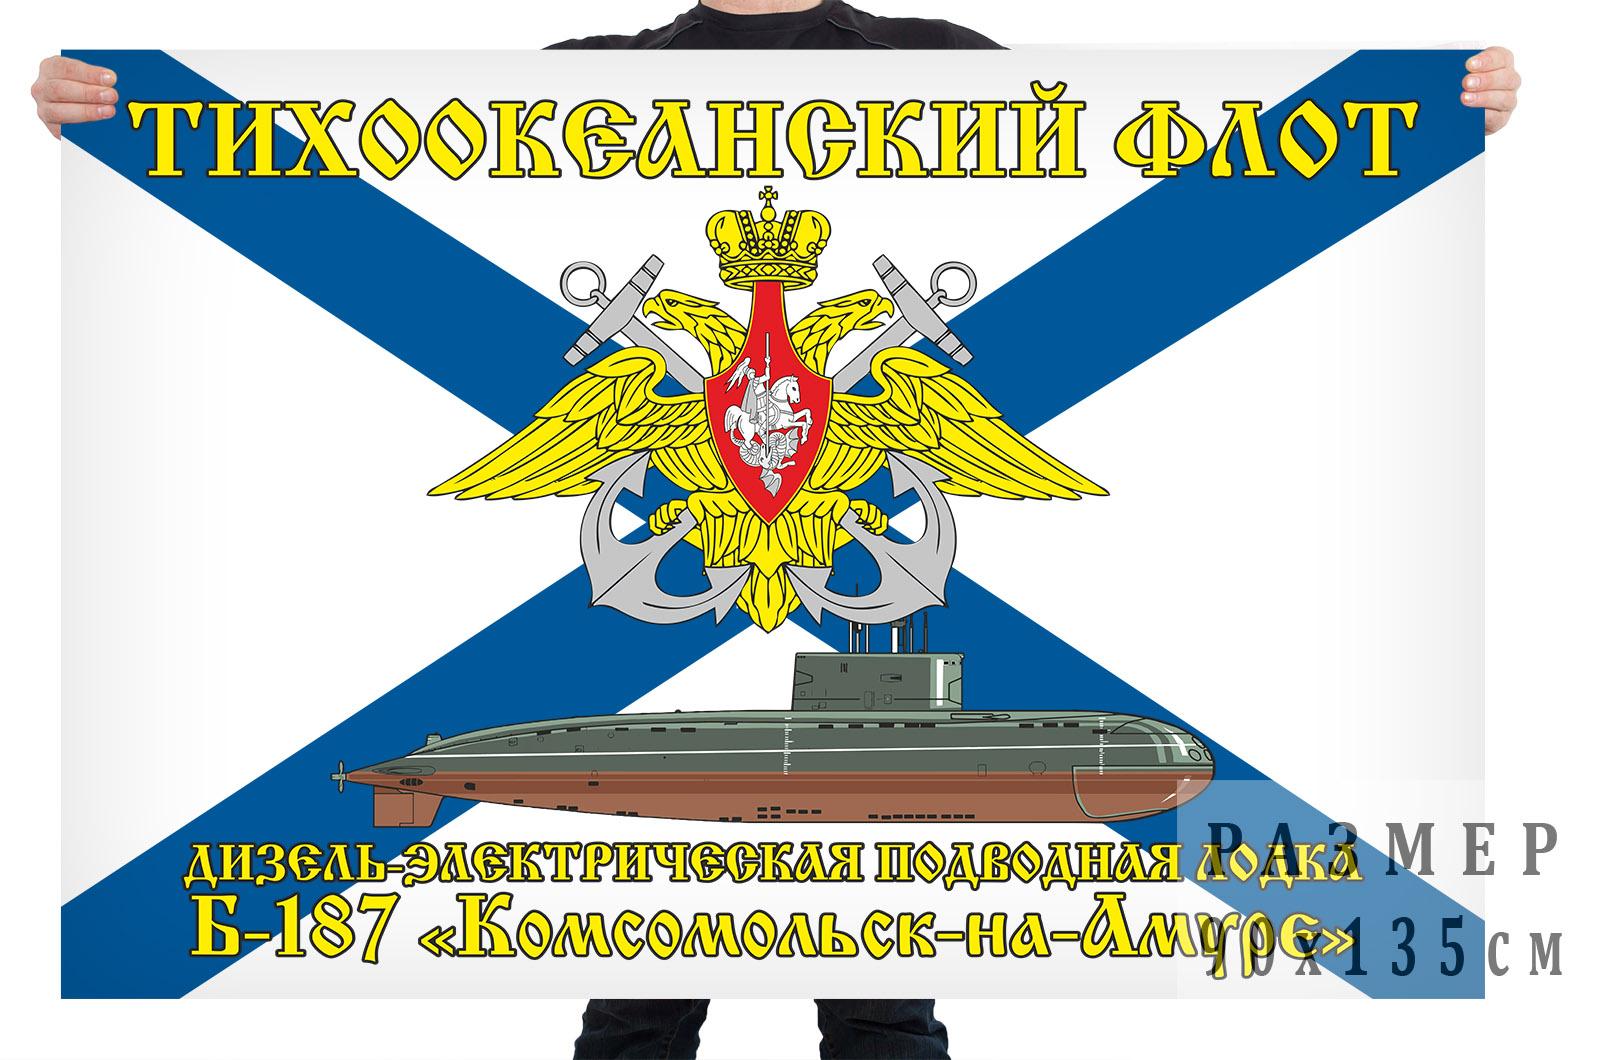 """Флаг дизель-электрической подводной лодки Б-187 """"Комсомольск-на-Амуре"""""""